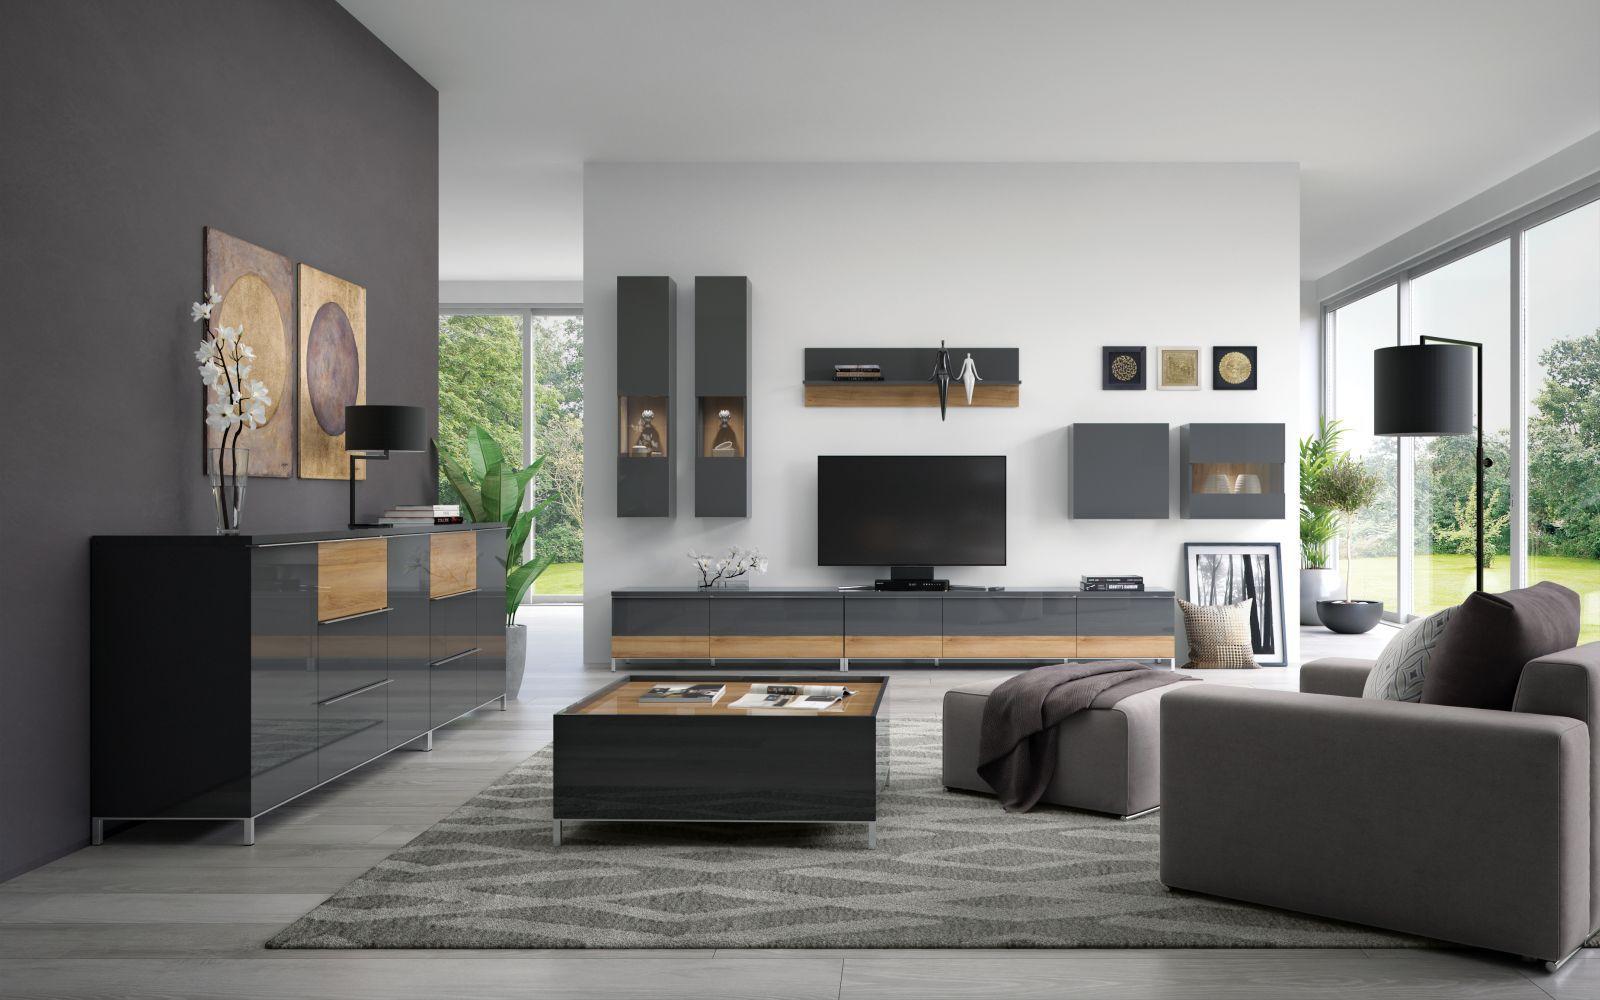 Wohnzimmer Komplett - Set F Vaitele, 10-teilig, Farbe: Anthrazit Hochglanz / Walnuss